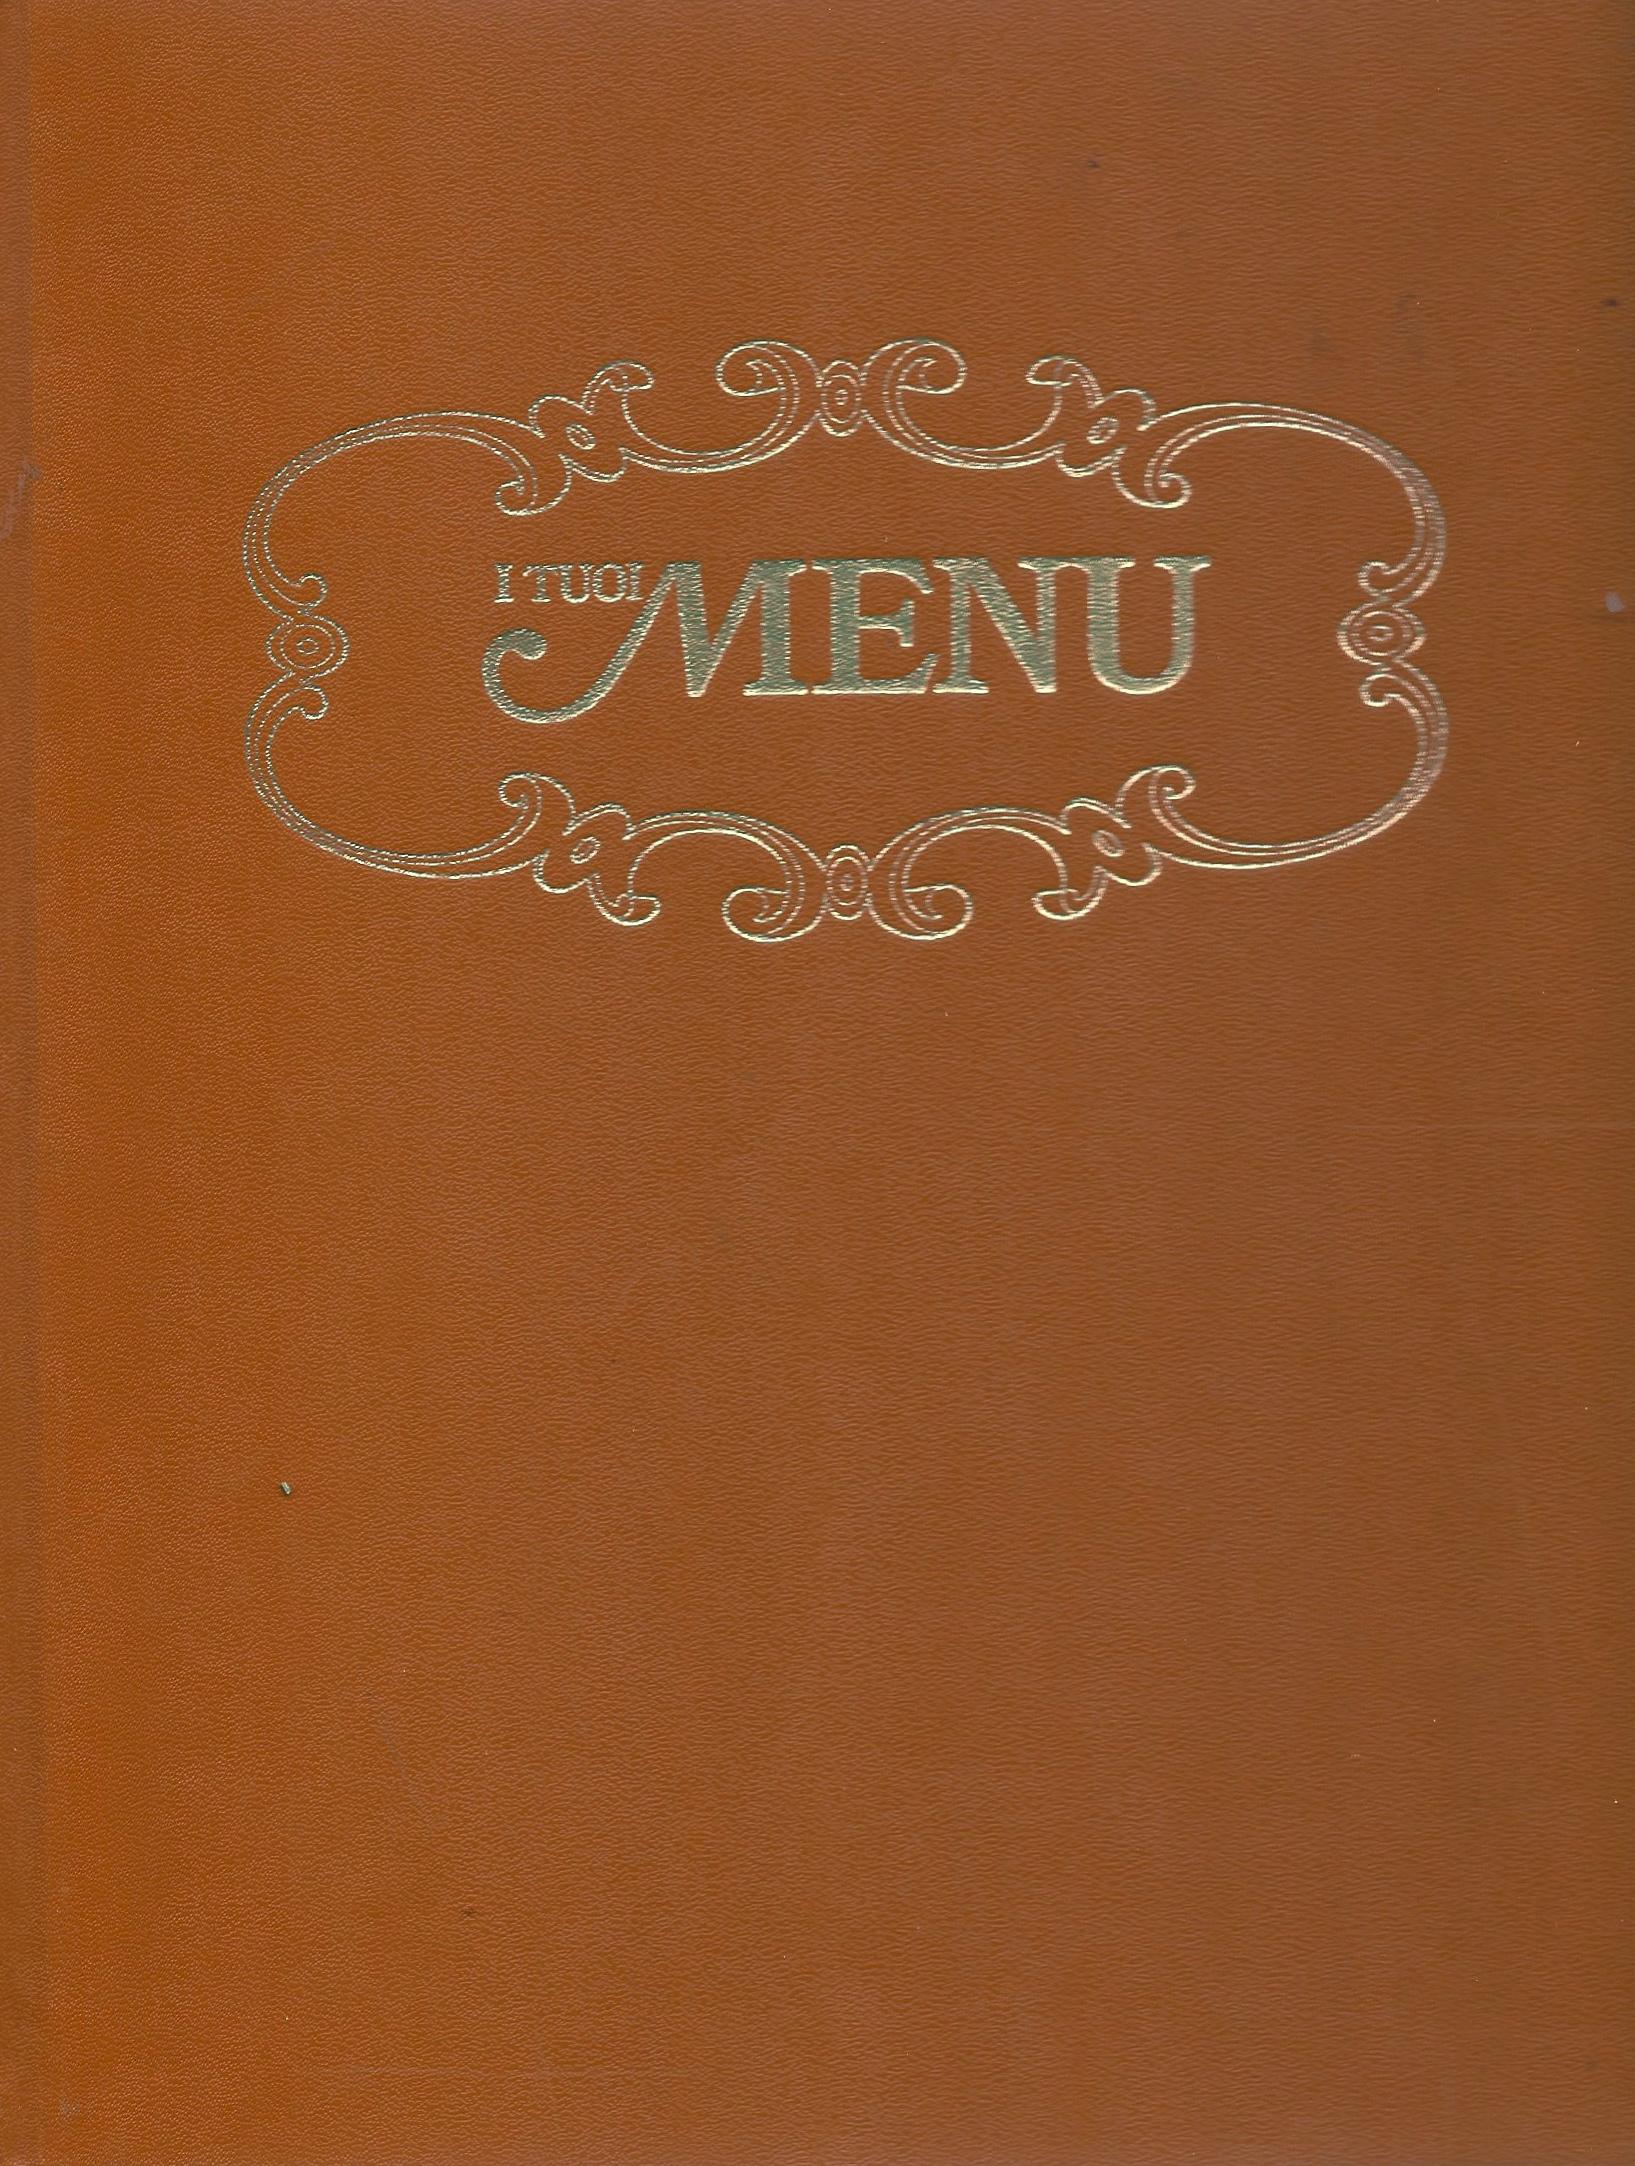 I tuoi menu - vol 6